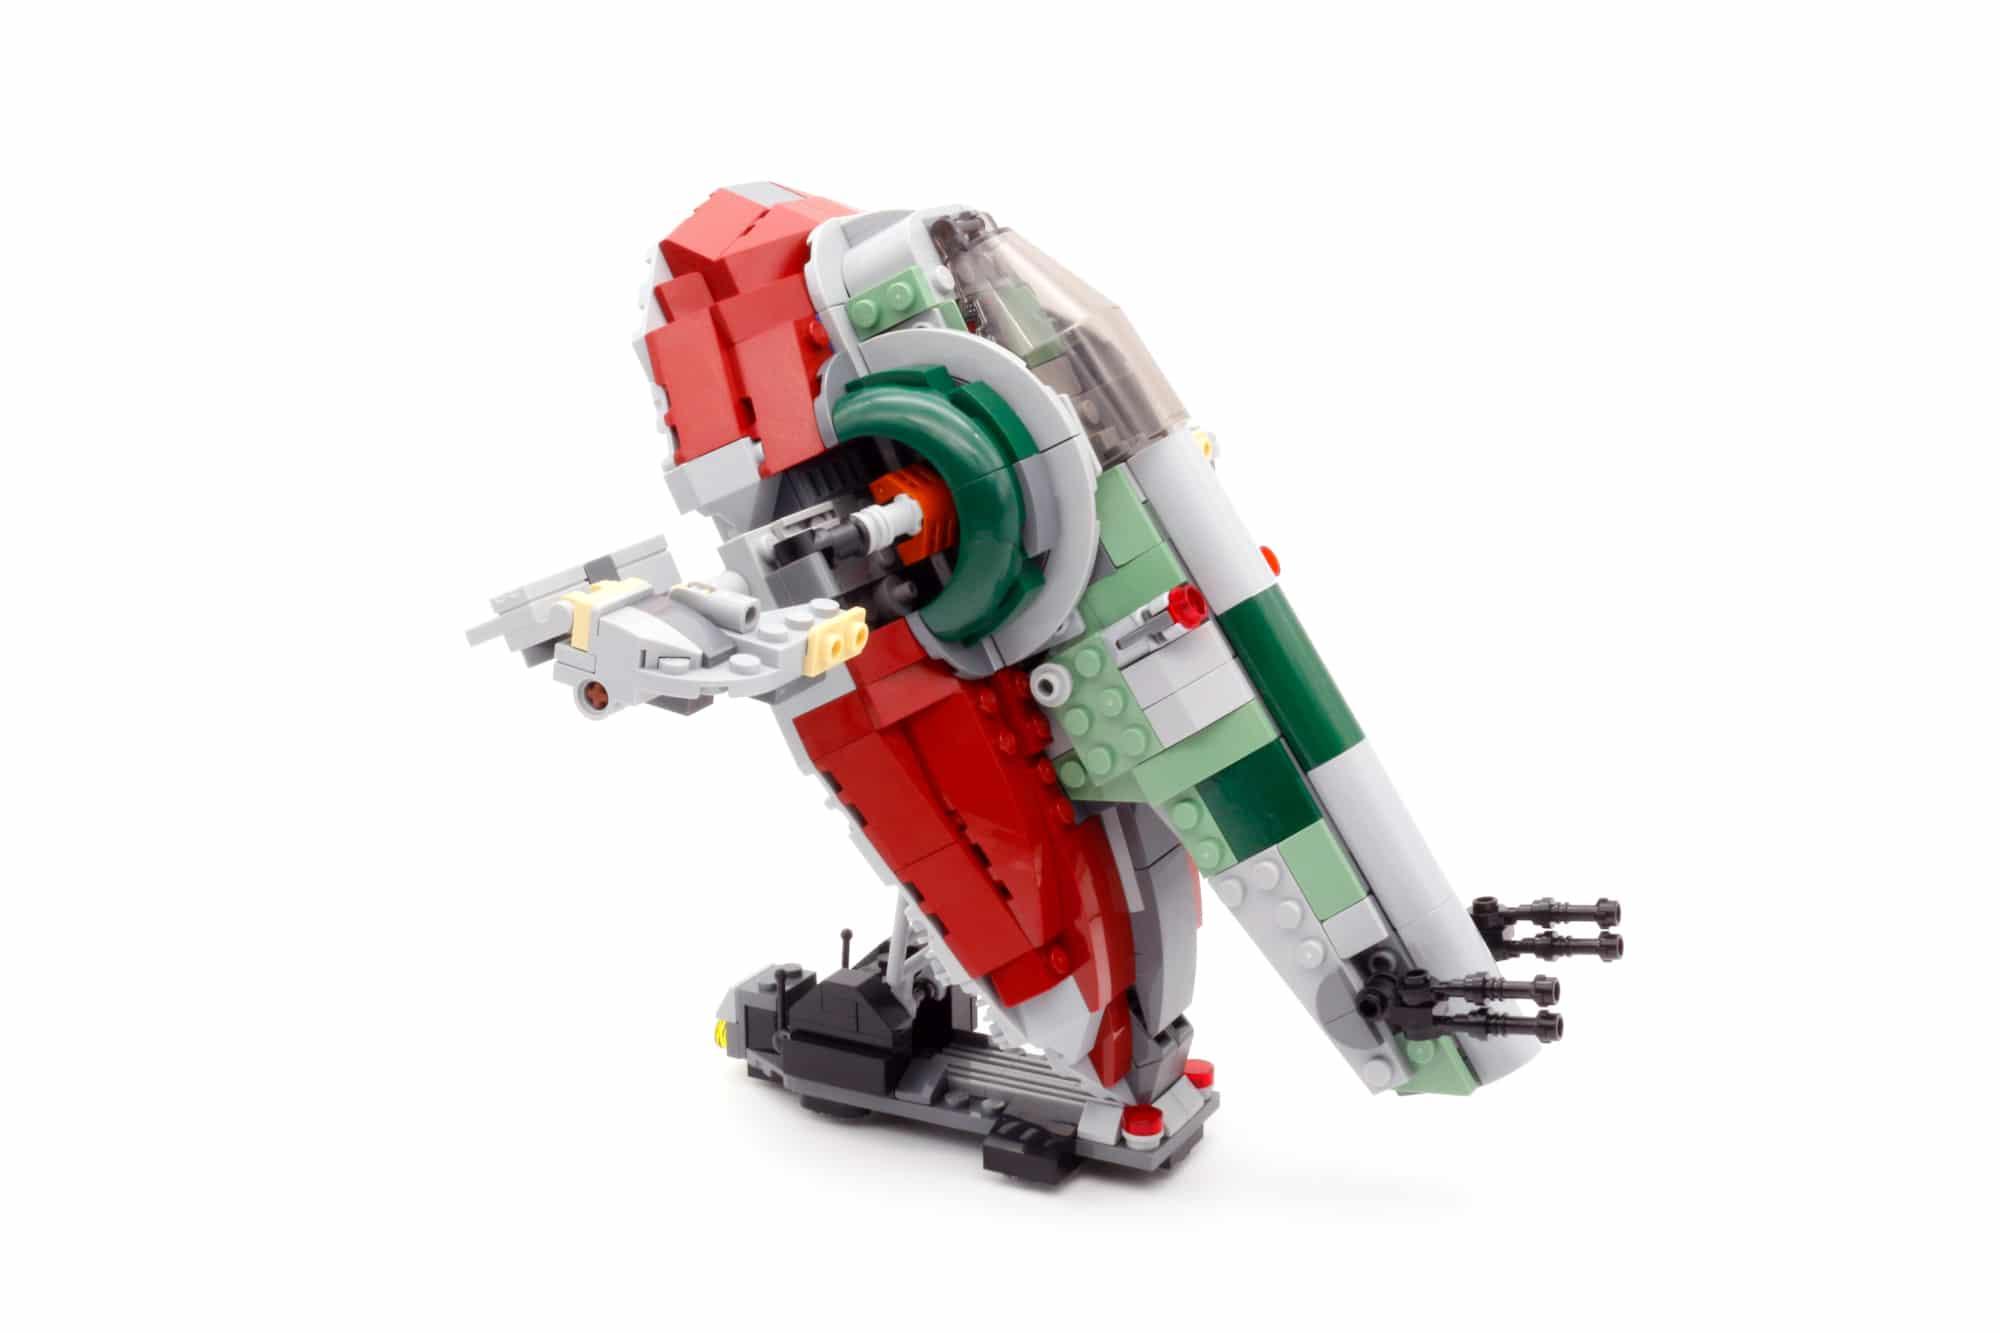 LEGO Star Wars 75312 Boba Fetts Starship 18